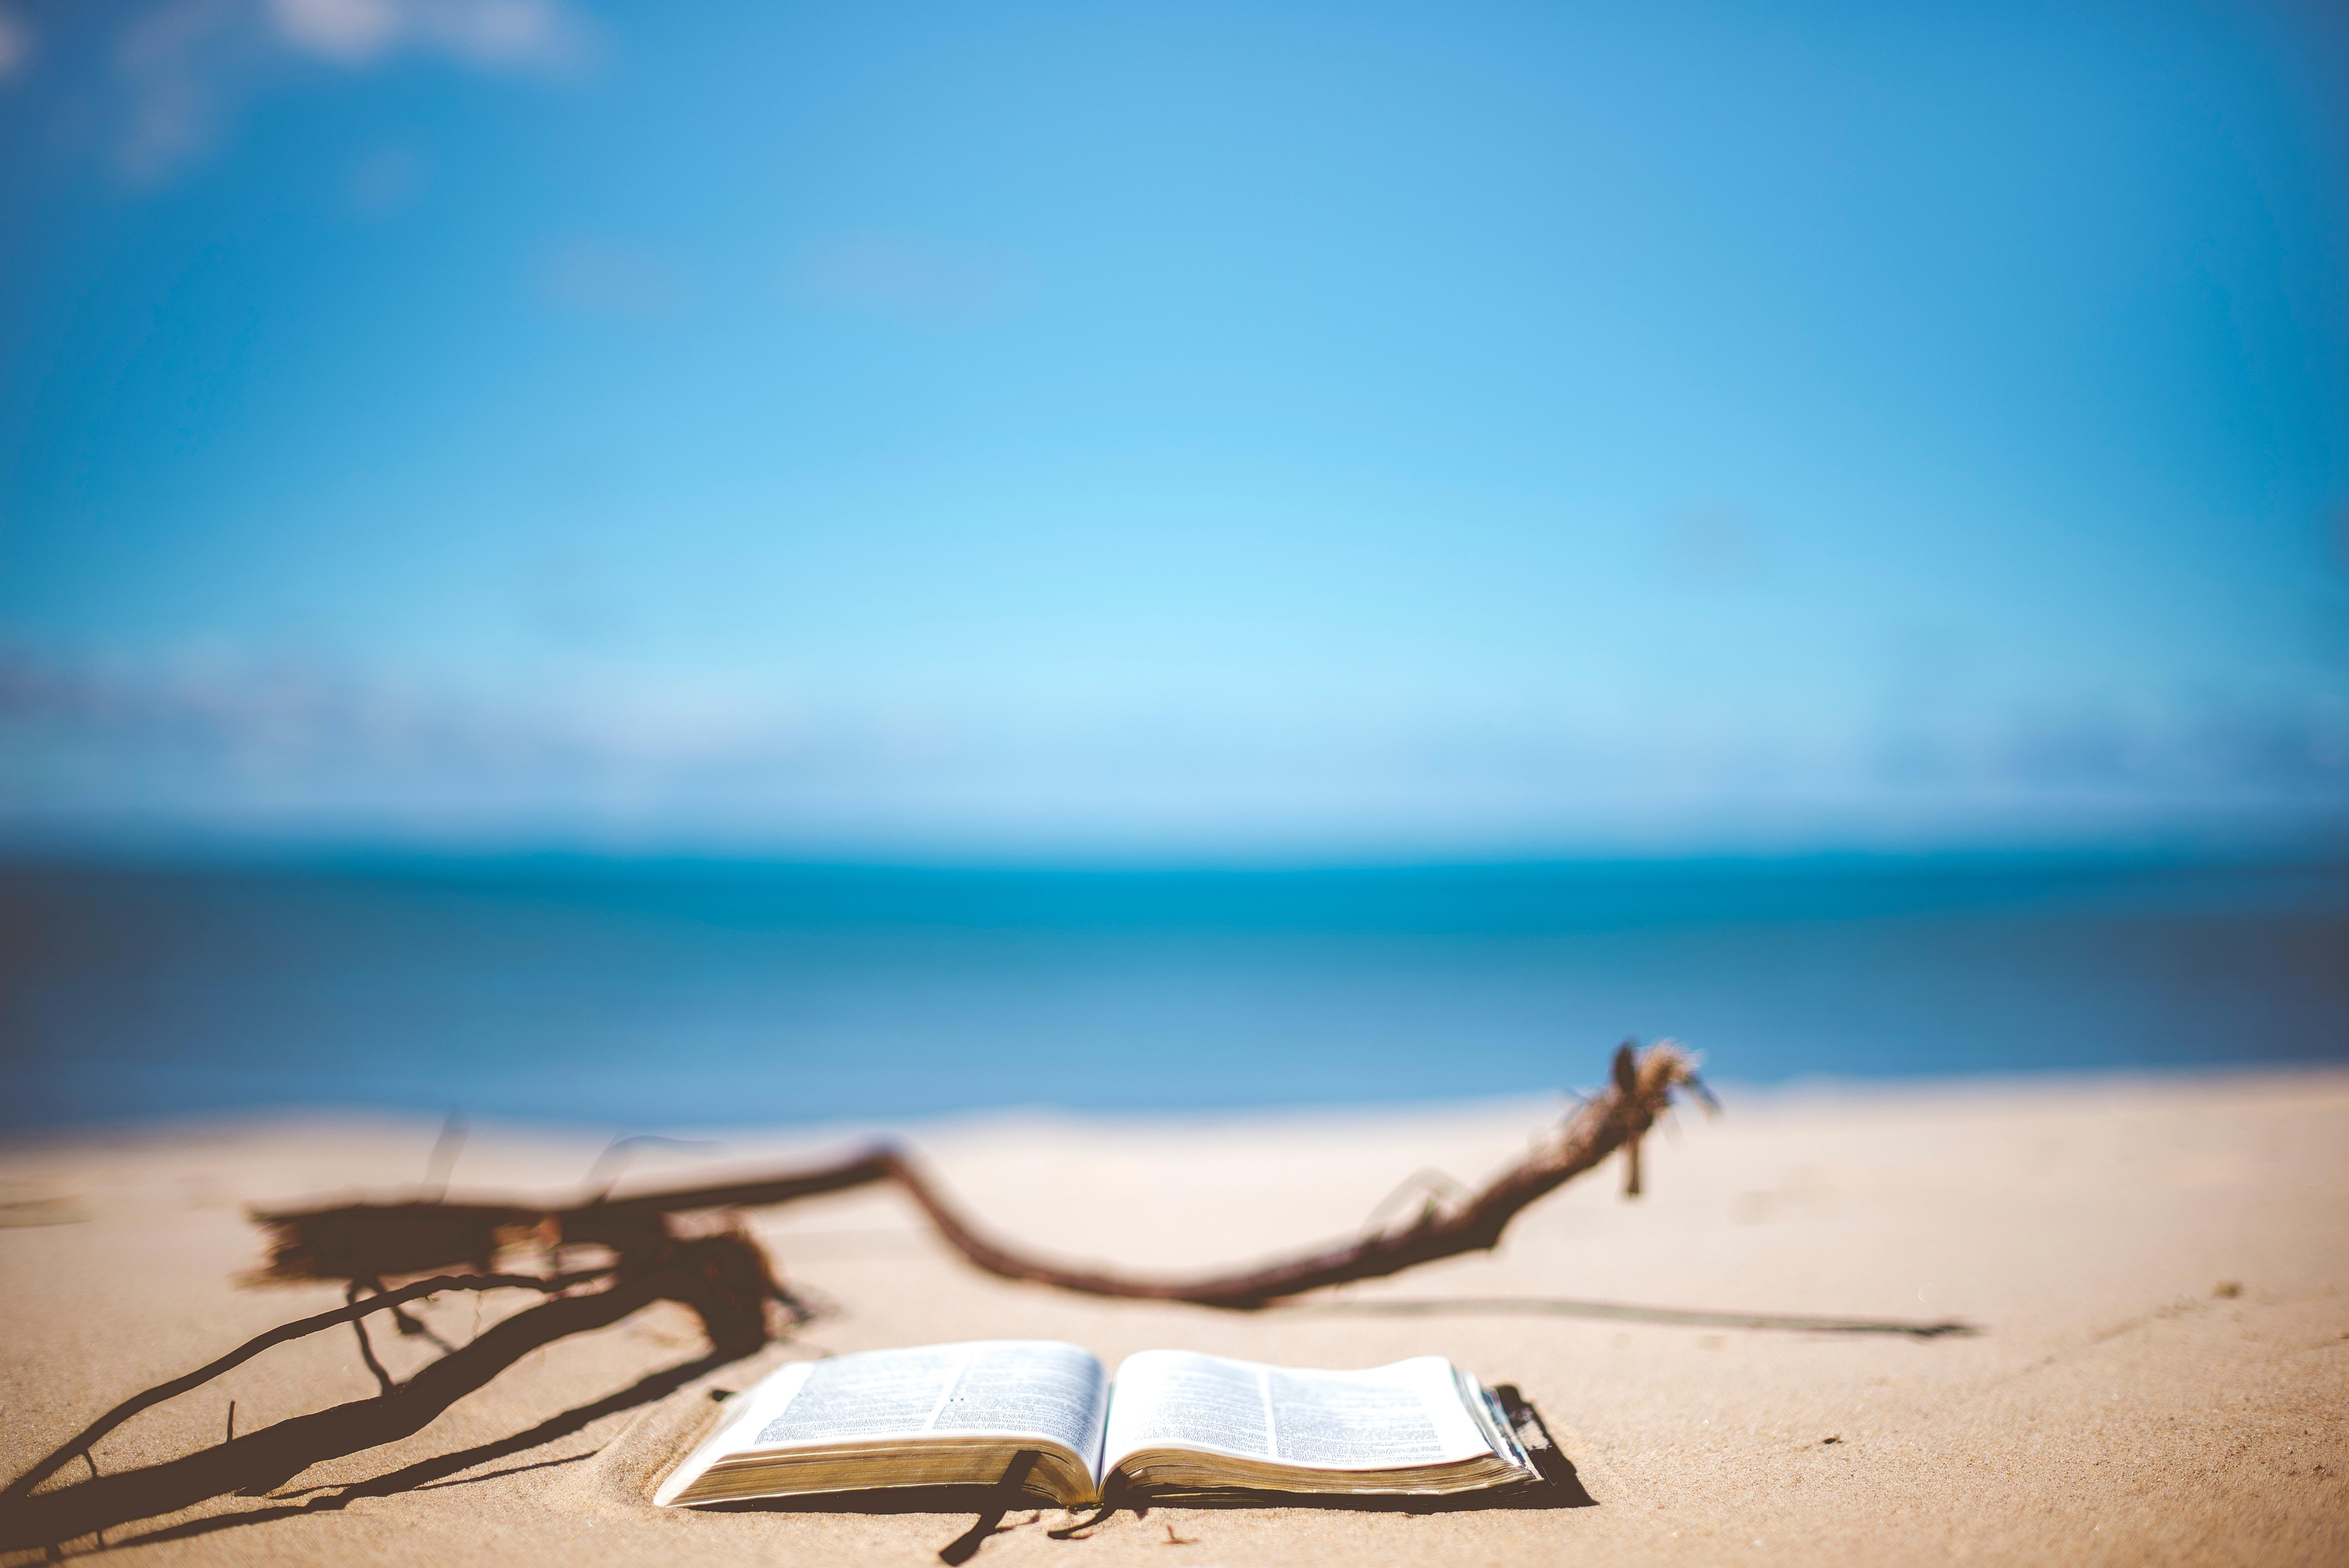 czytanie_koniec